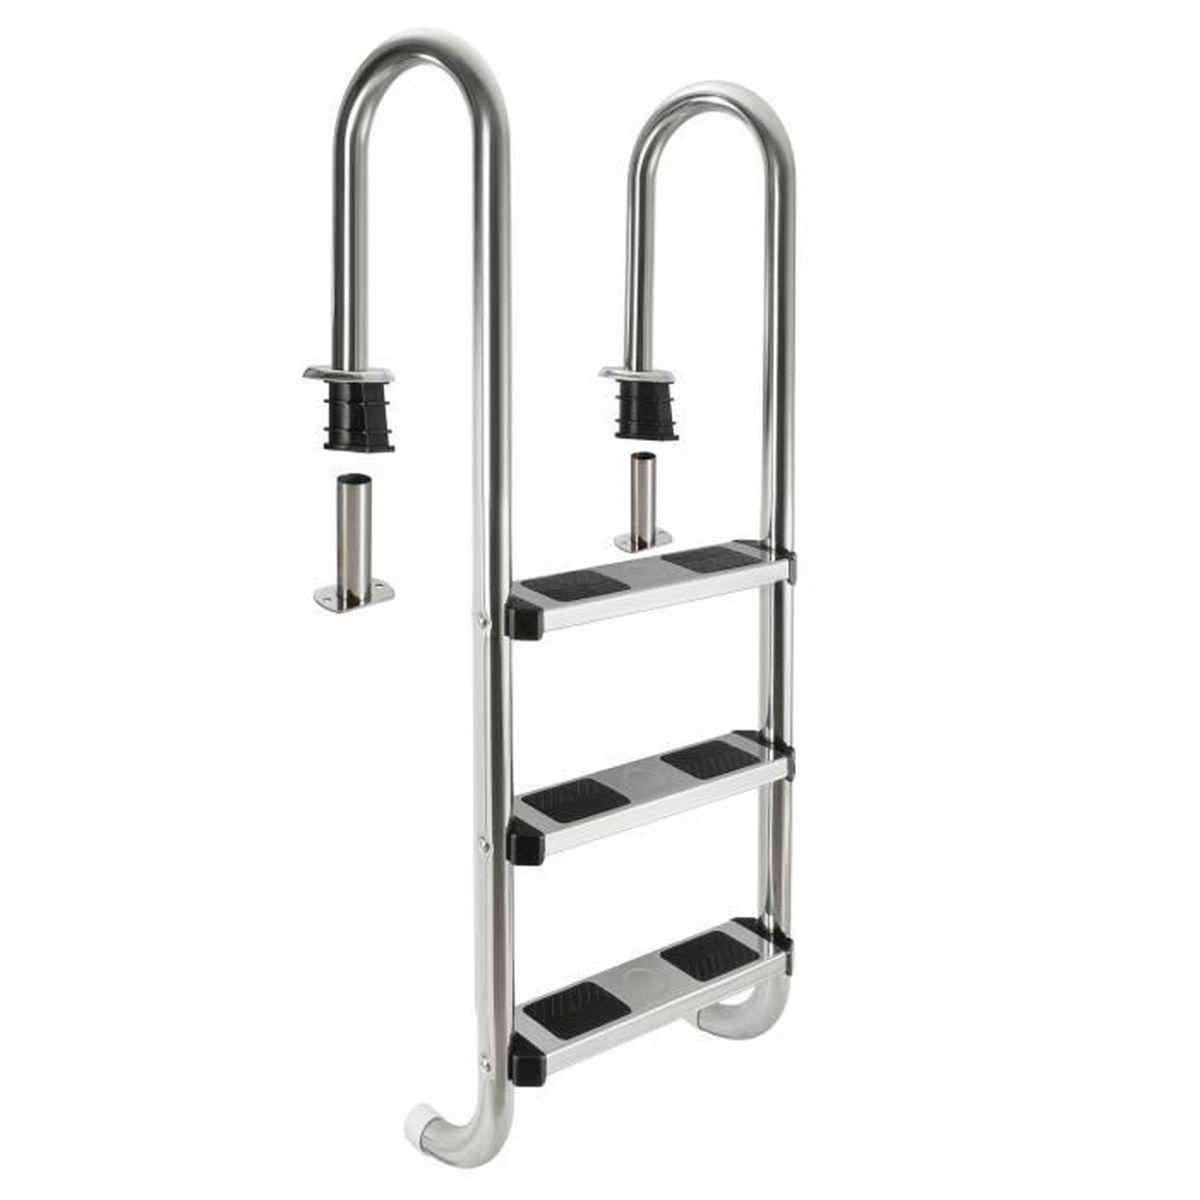 marche pour echelle piscine achat vente pas cher. Black Bedroom Furniture Sets. Home Design Ideas